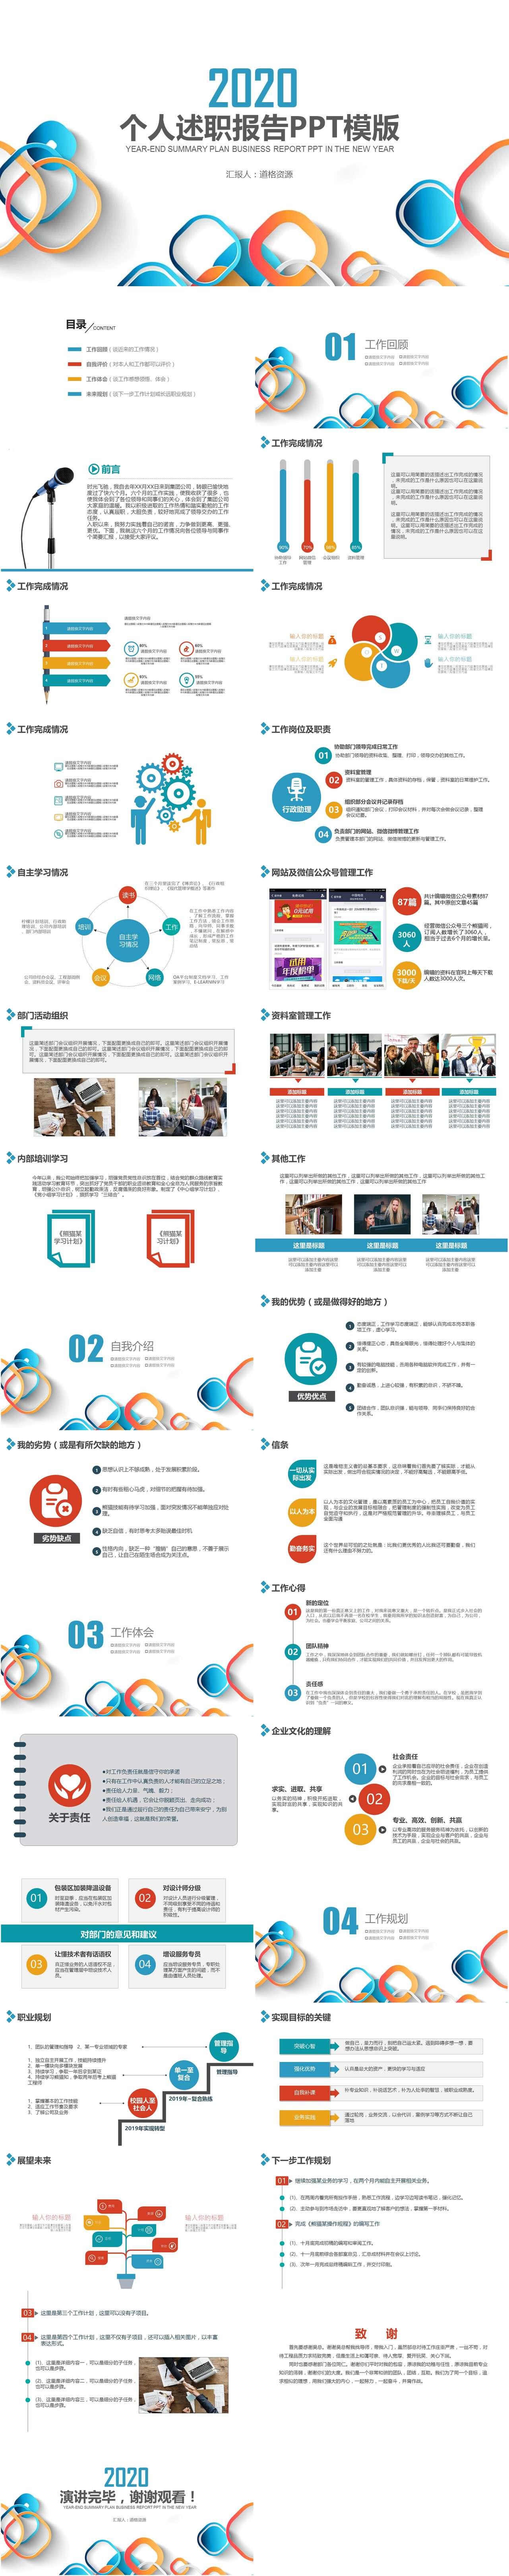 21款让你成功加薪升职的述职报告模板分享插图13